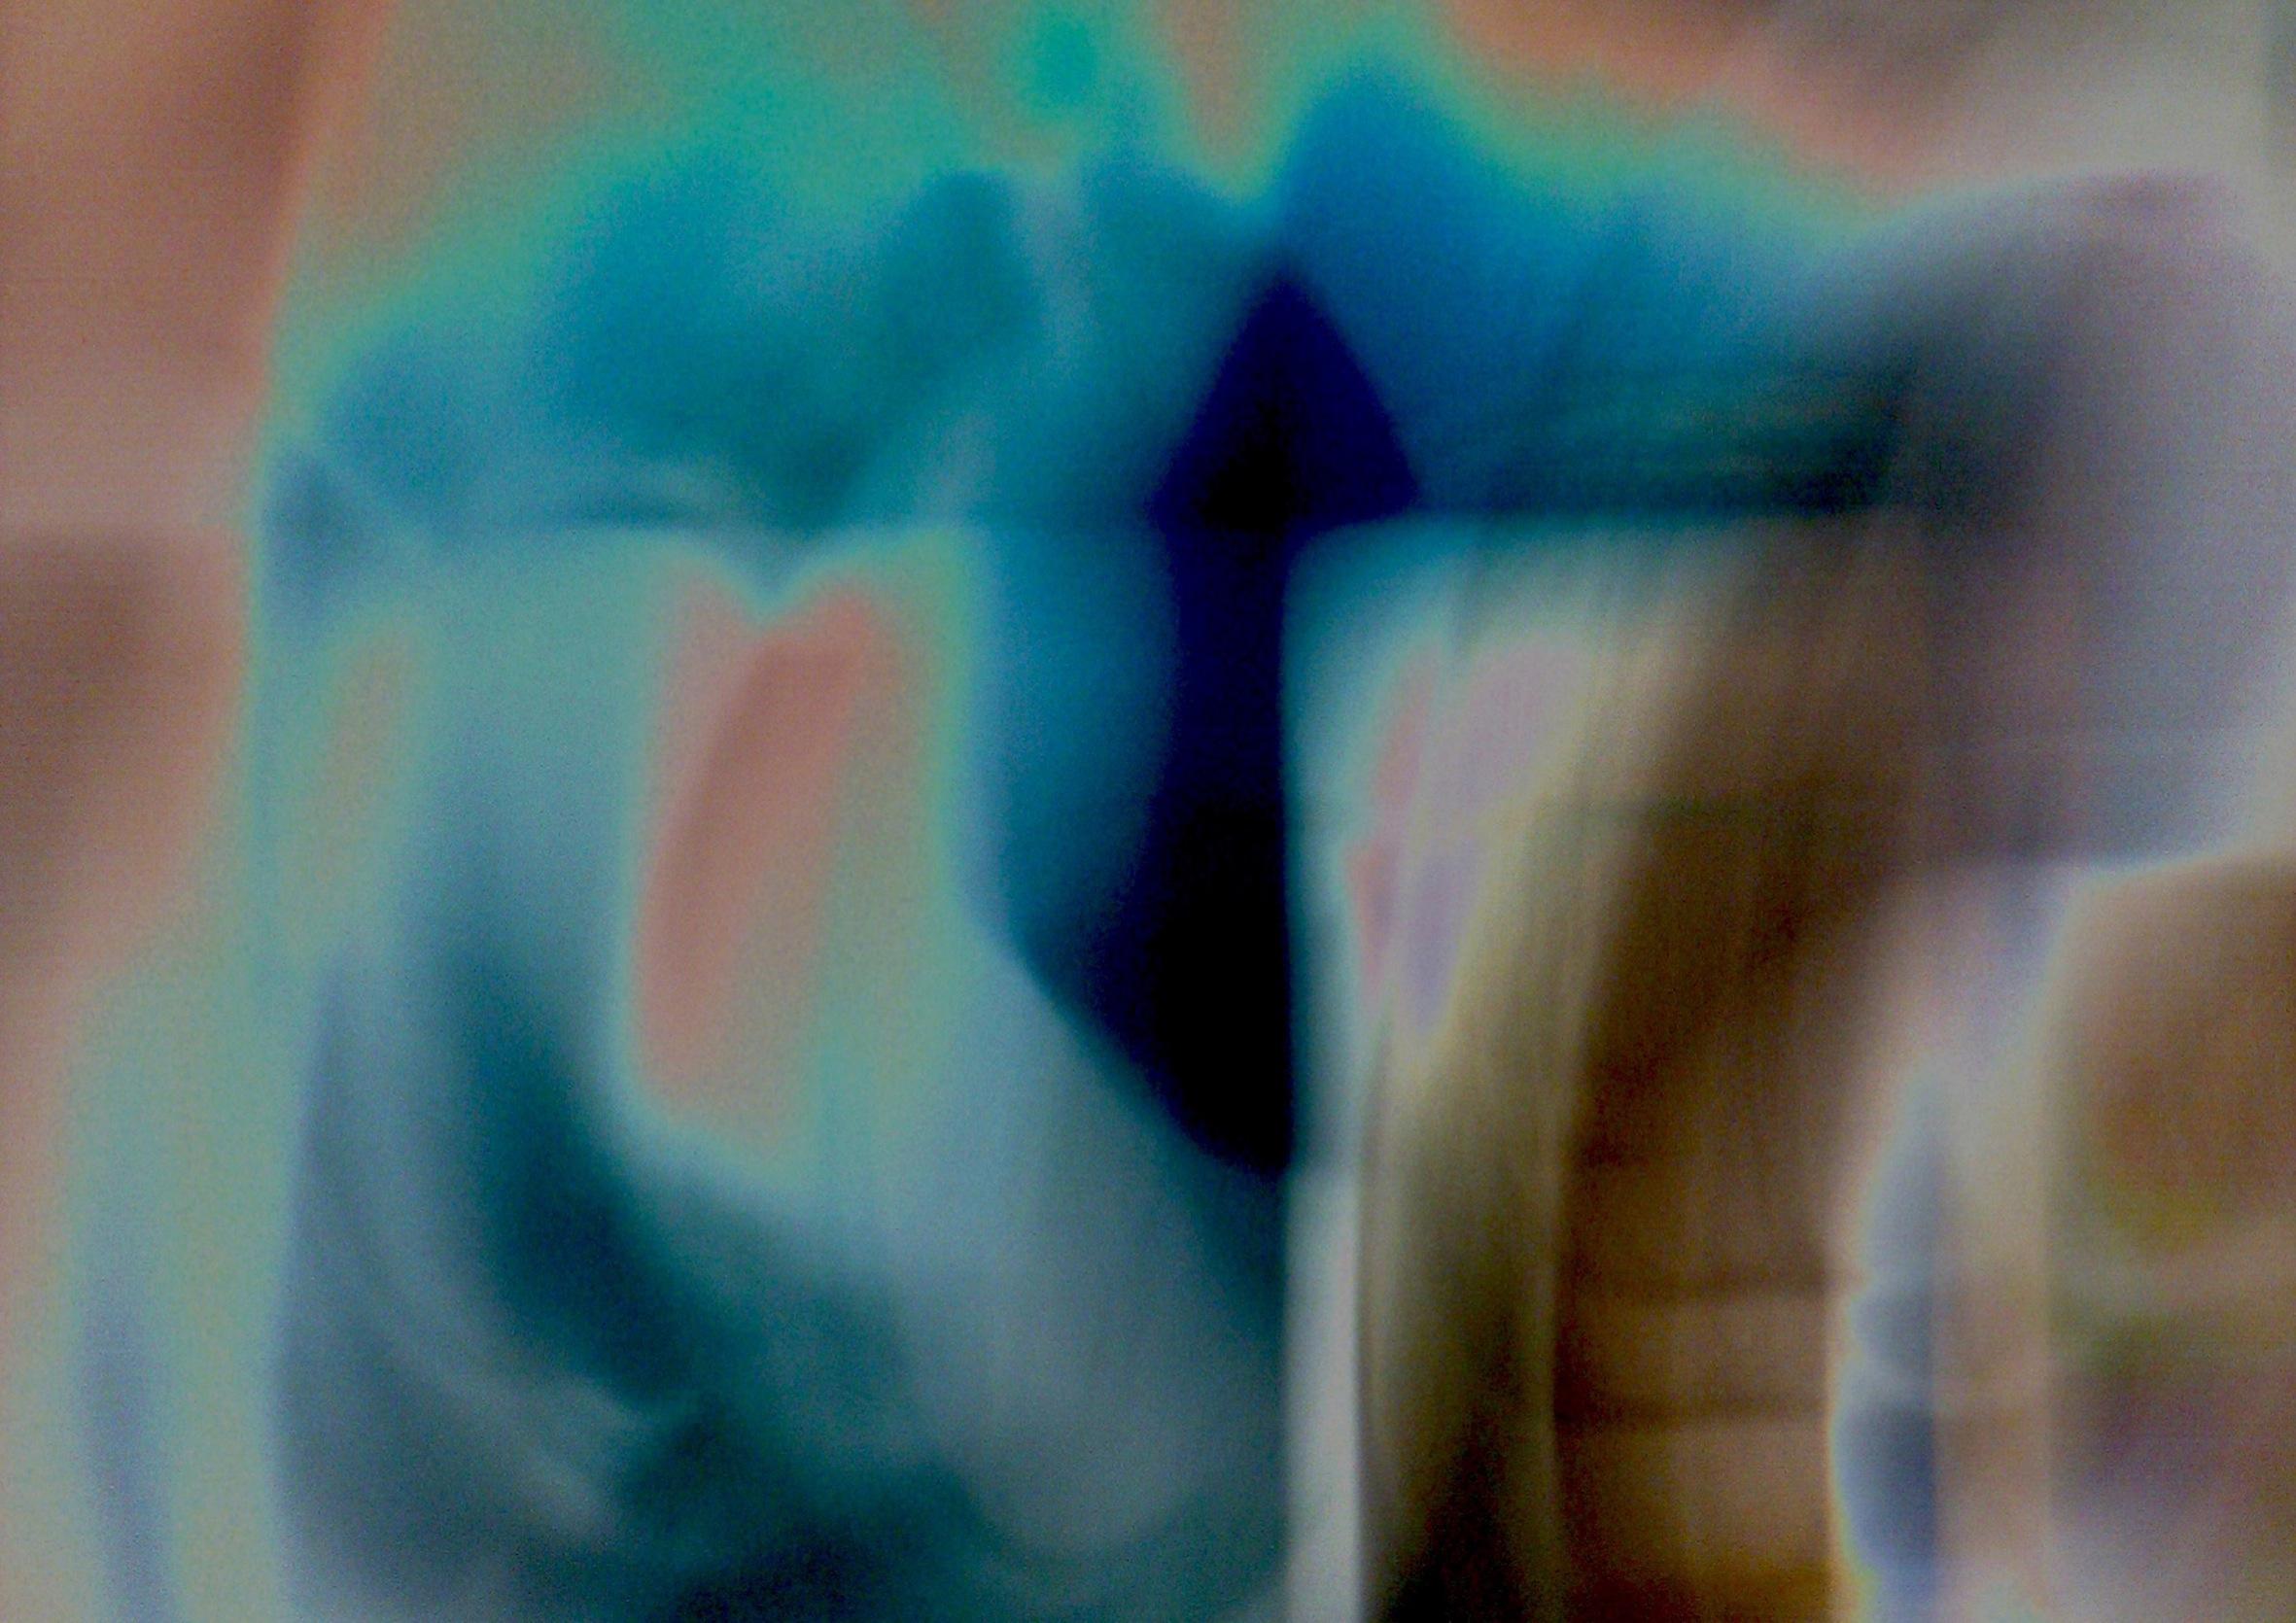 10_Spawn_digital_photos_42x30cm